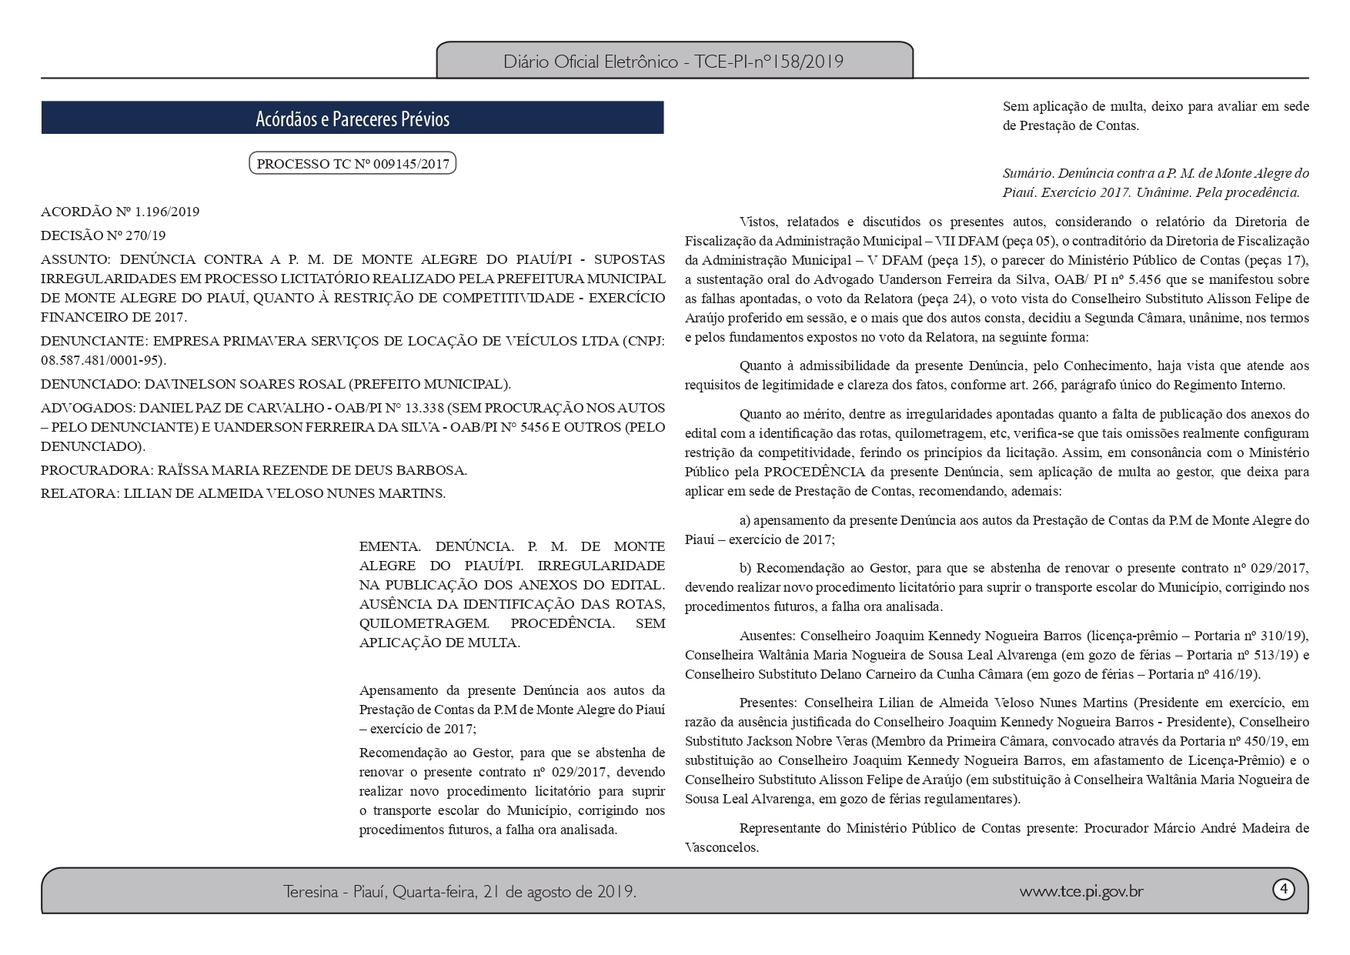 Prefeito é investigado por irregularidades em licitação de quase R$ 1 milhão 3